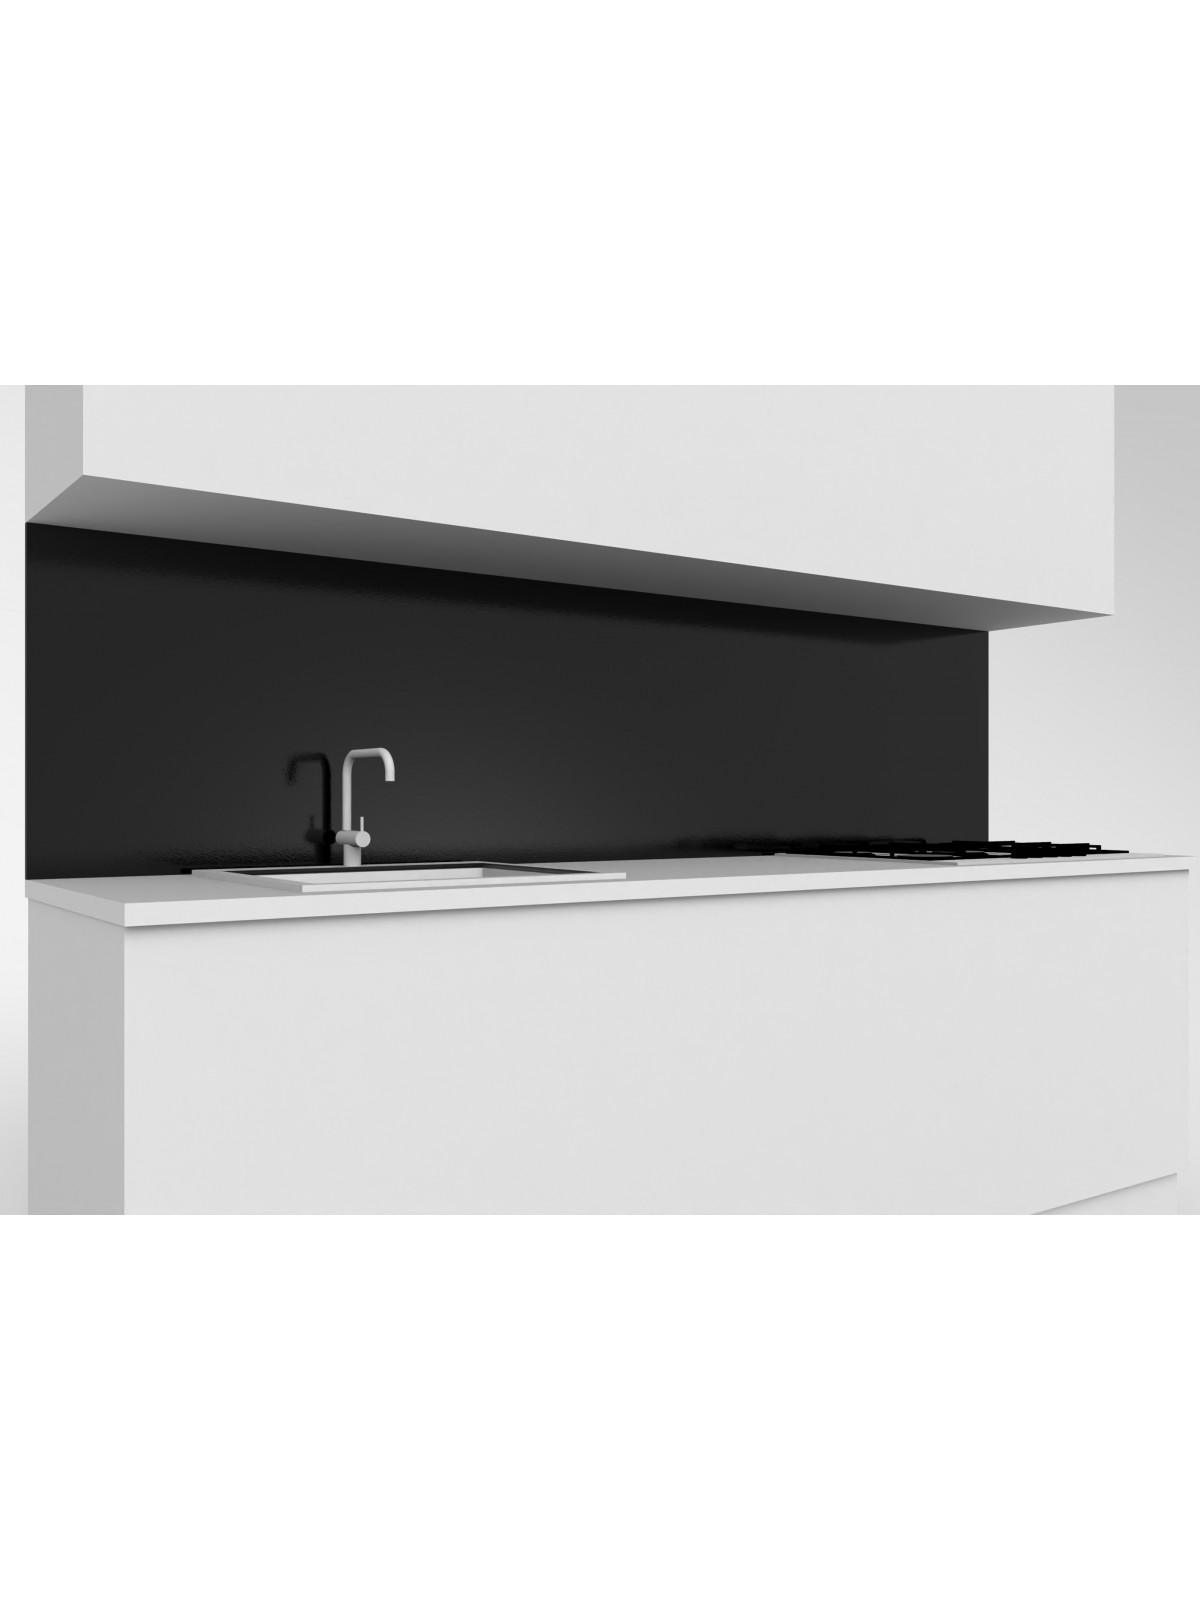 Erhöhte obere mobile Küche aus Absolut Schwarz